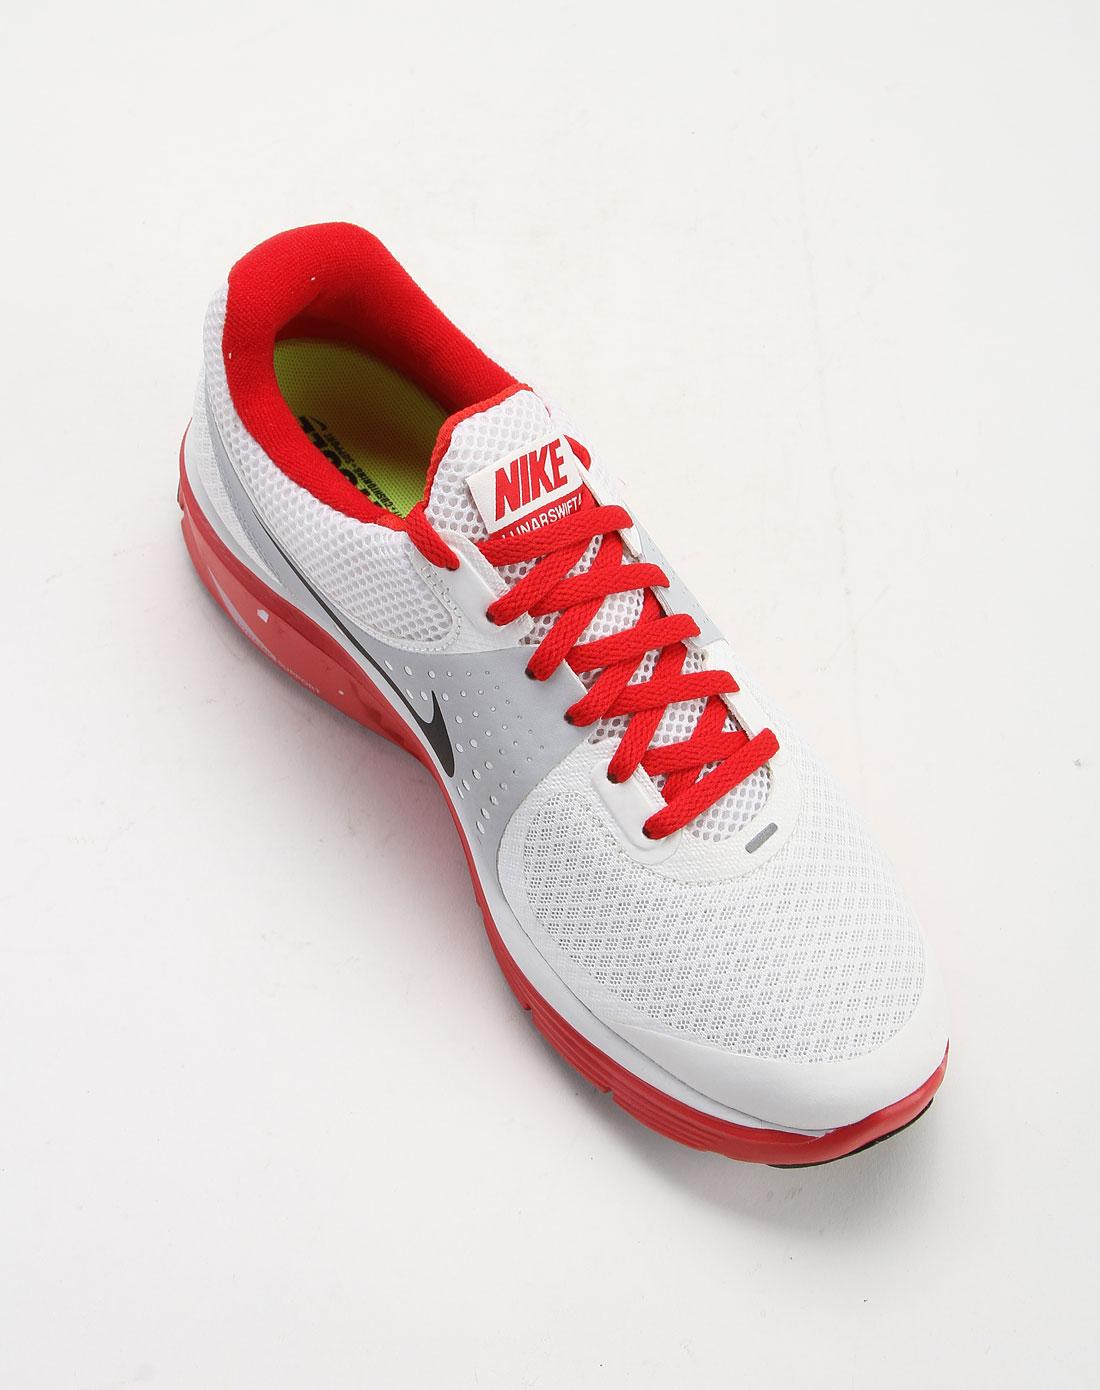 男款白色红底网布跑步鞋